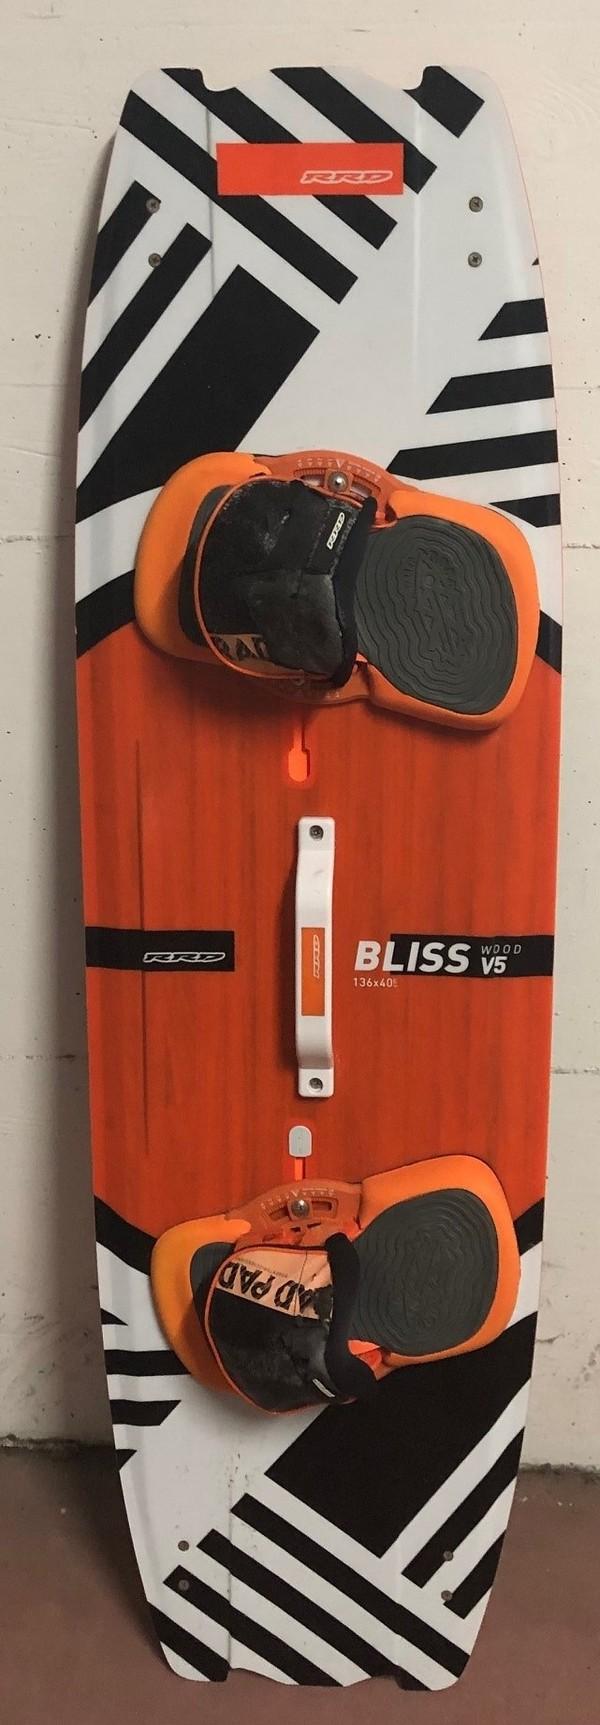 Rrd - BLISS V5 Wood